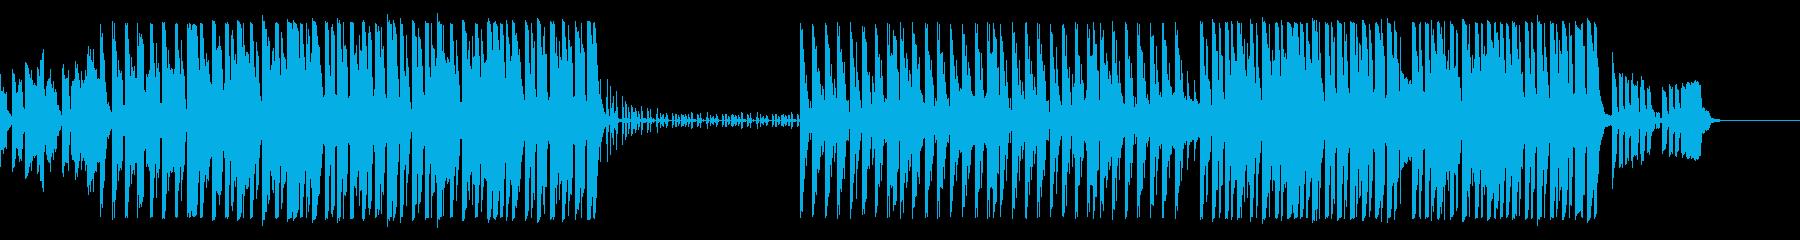 【organ抜】可愛らしいピアノEDMの再生済みの波形